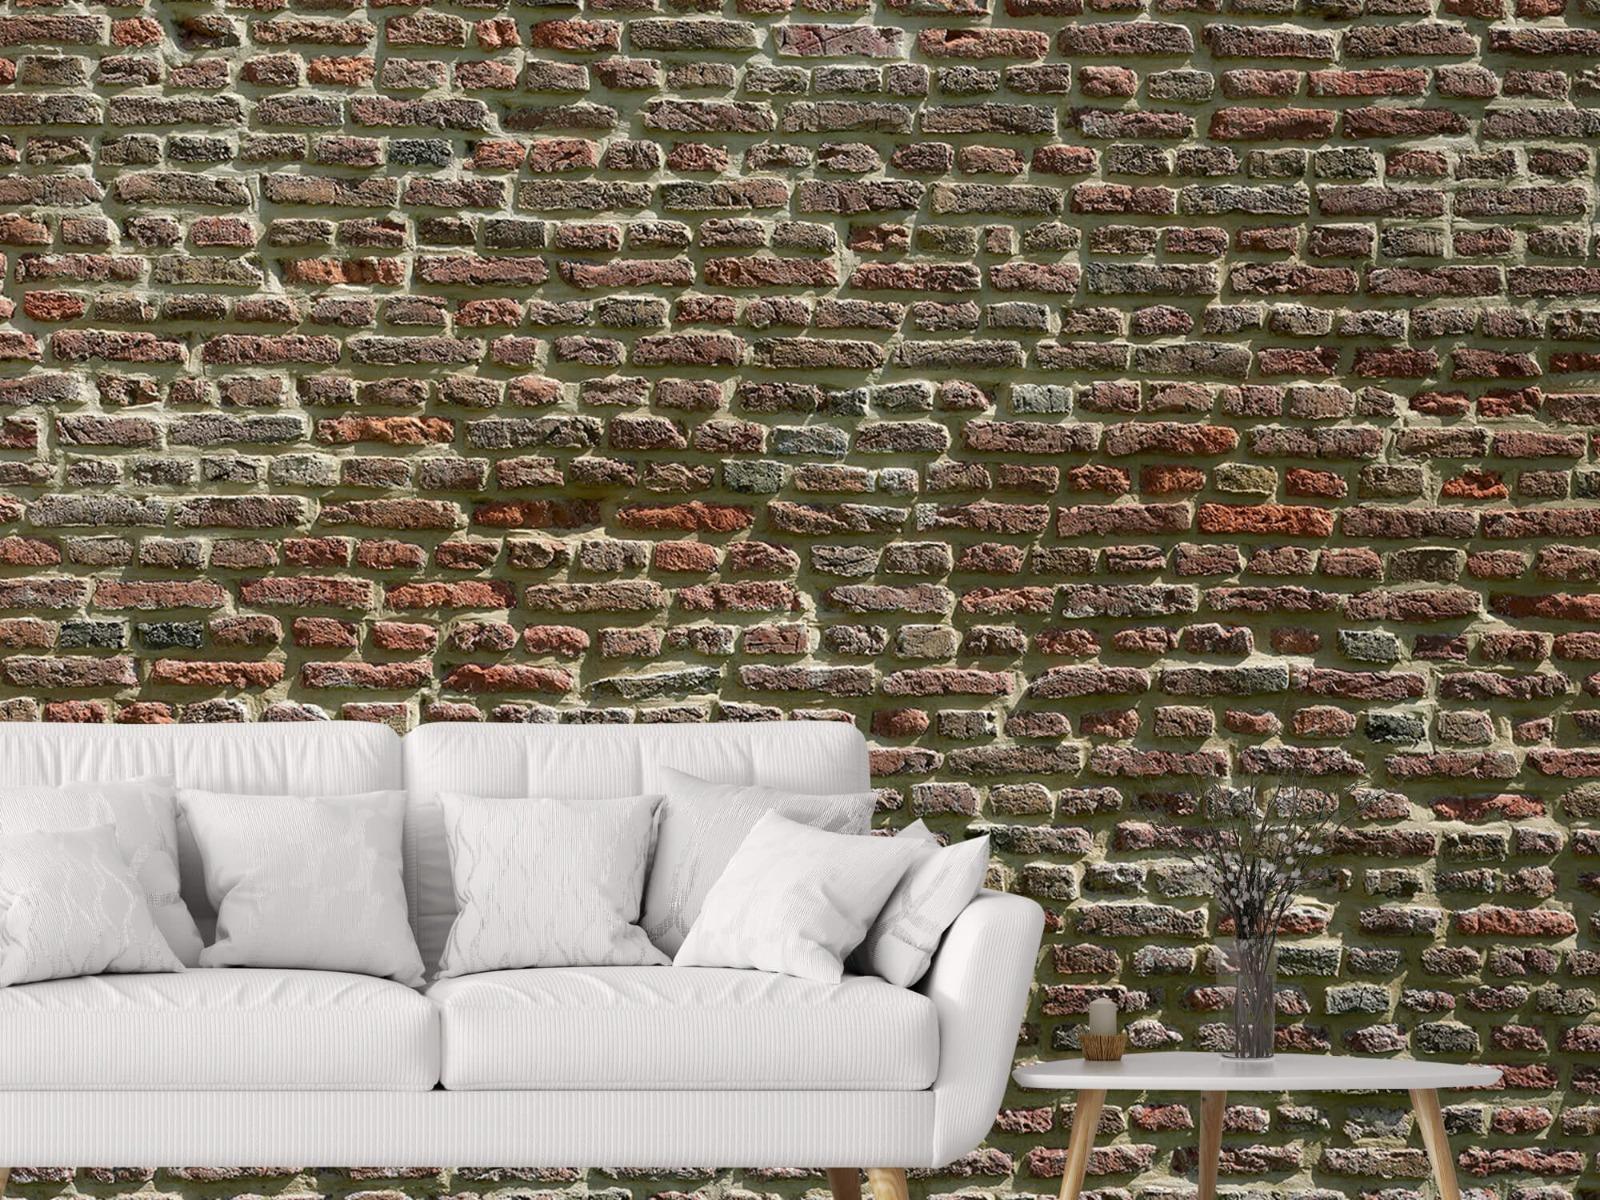 Stenen - Muur van oude bakstenen 5